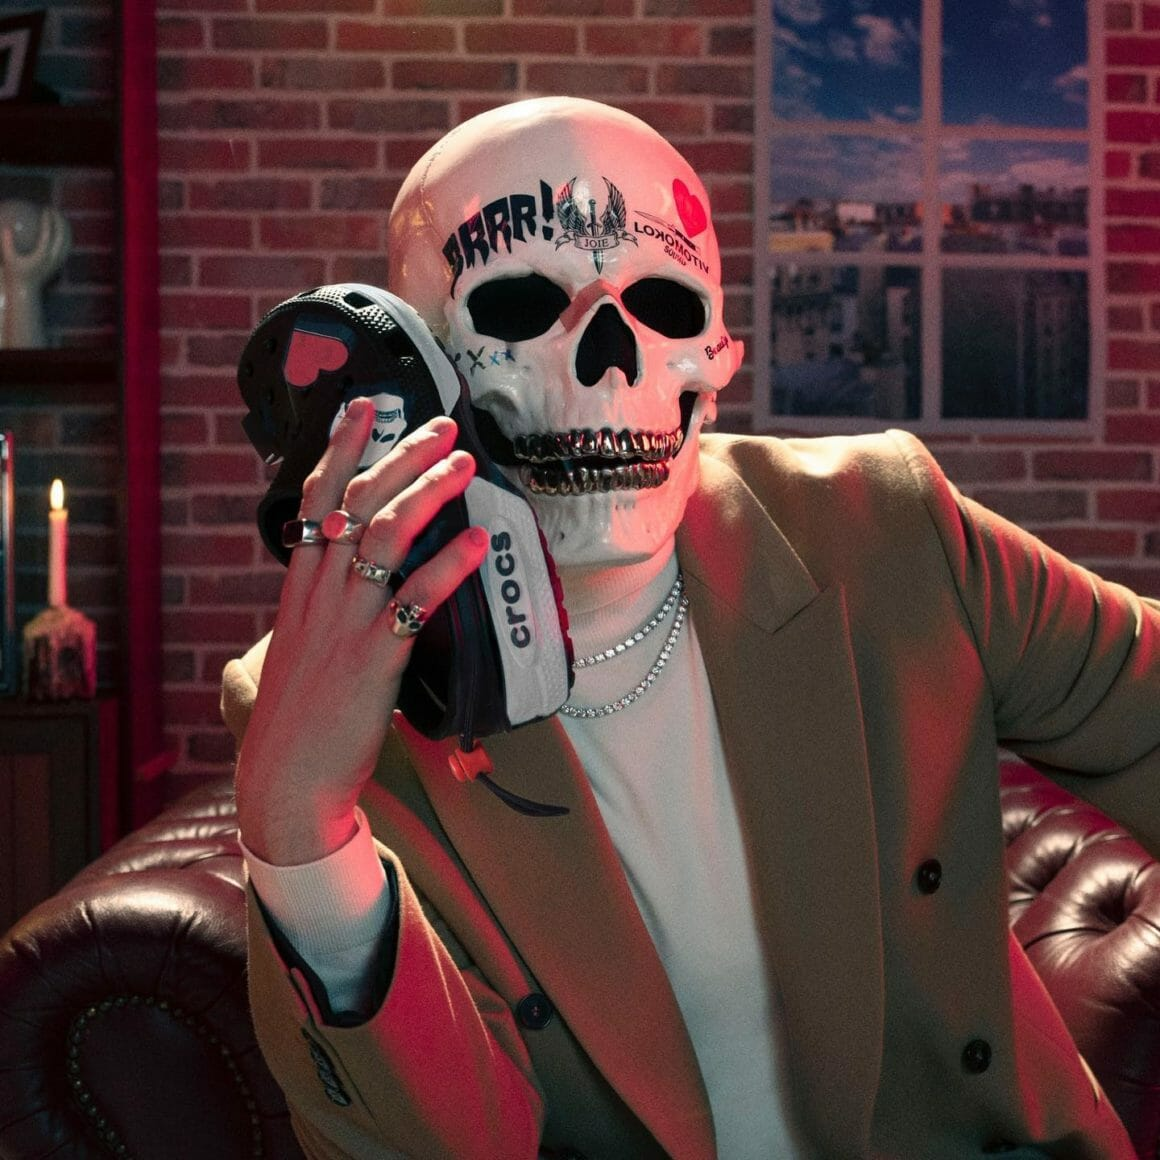 L'artiste Vladimir Cauchemar colle à la joue de son masque de squelette son modèle de Crocs